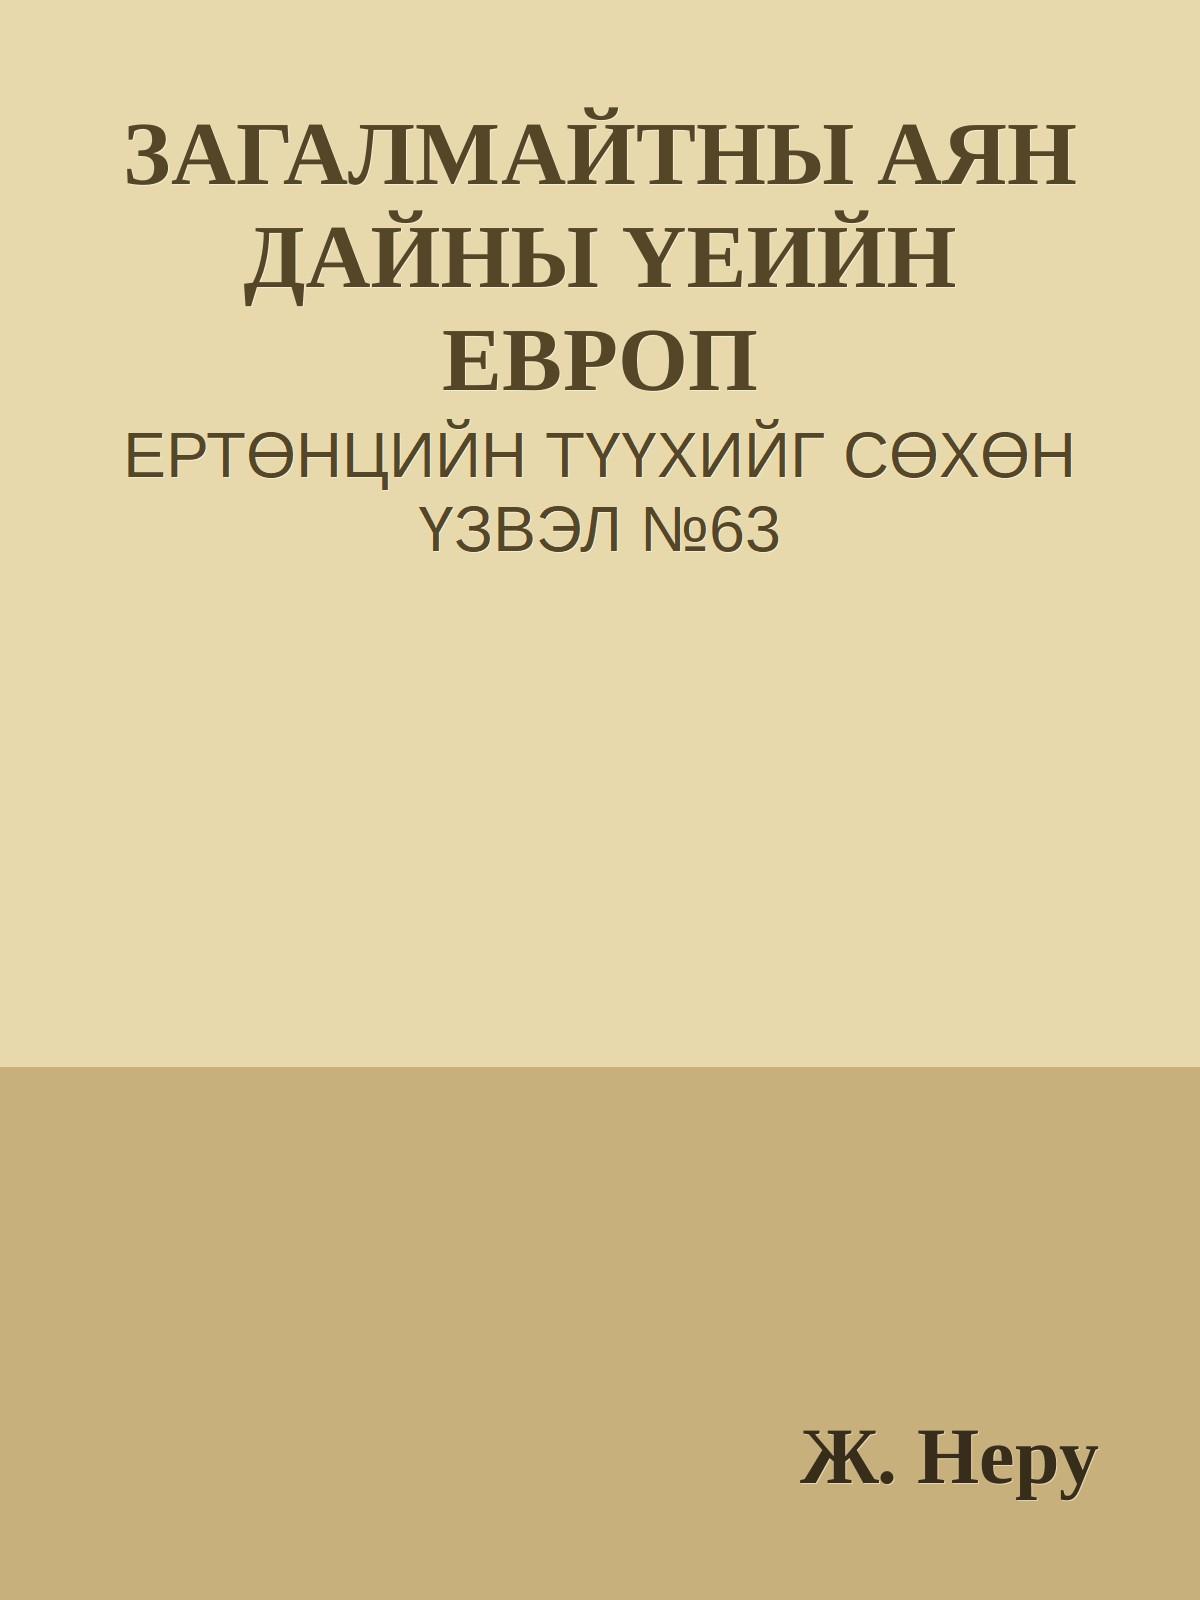 ЗАГАЛМАЙТНЫ АЯН ДАЙНЫ ҮЕИЙН ЕВРОП